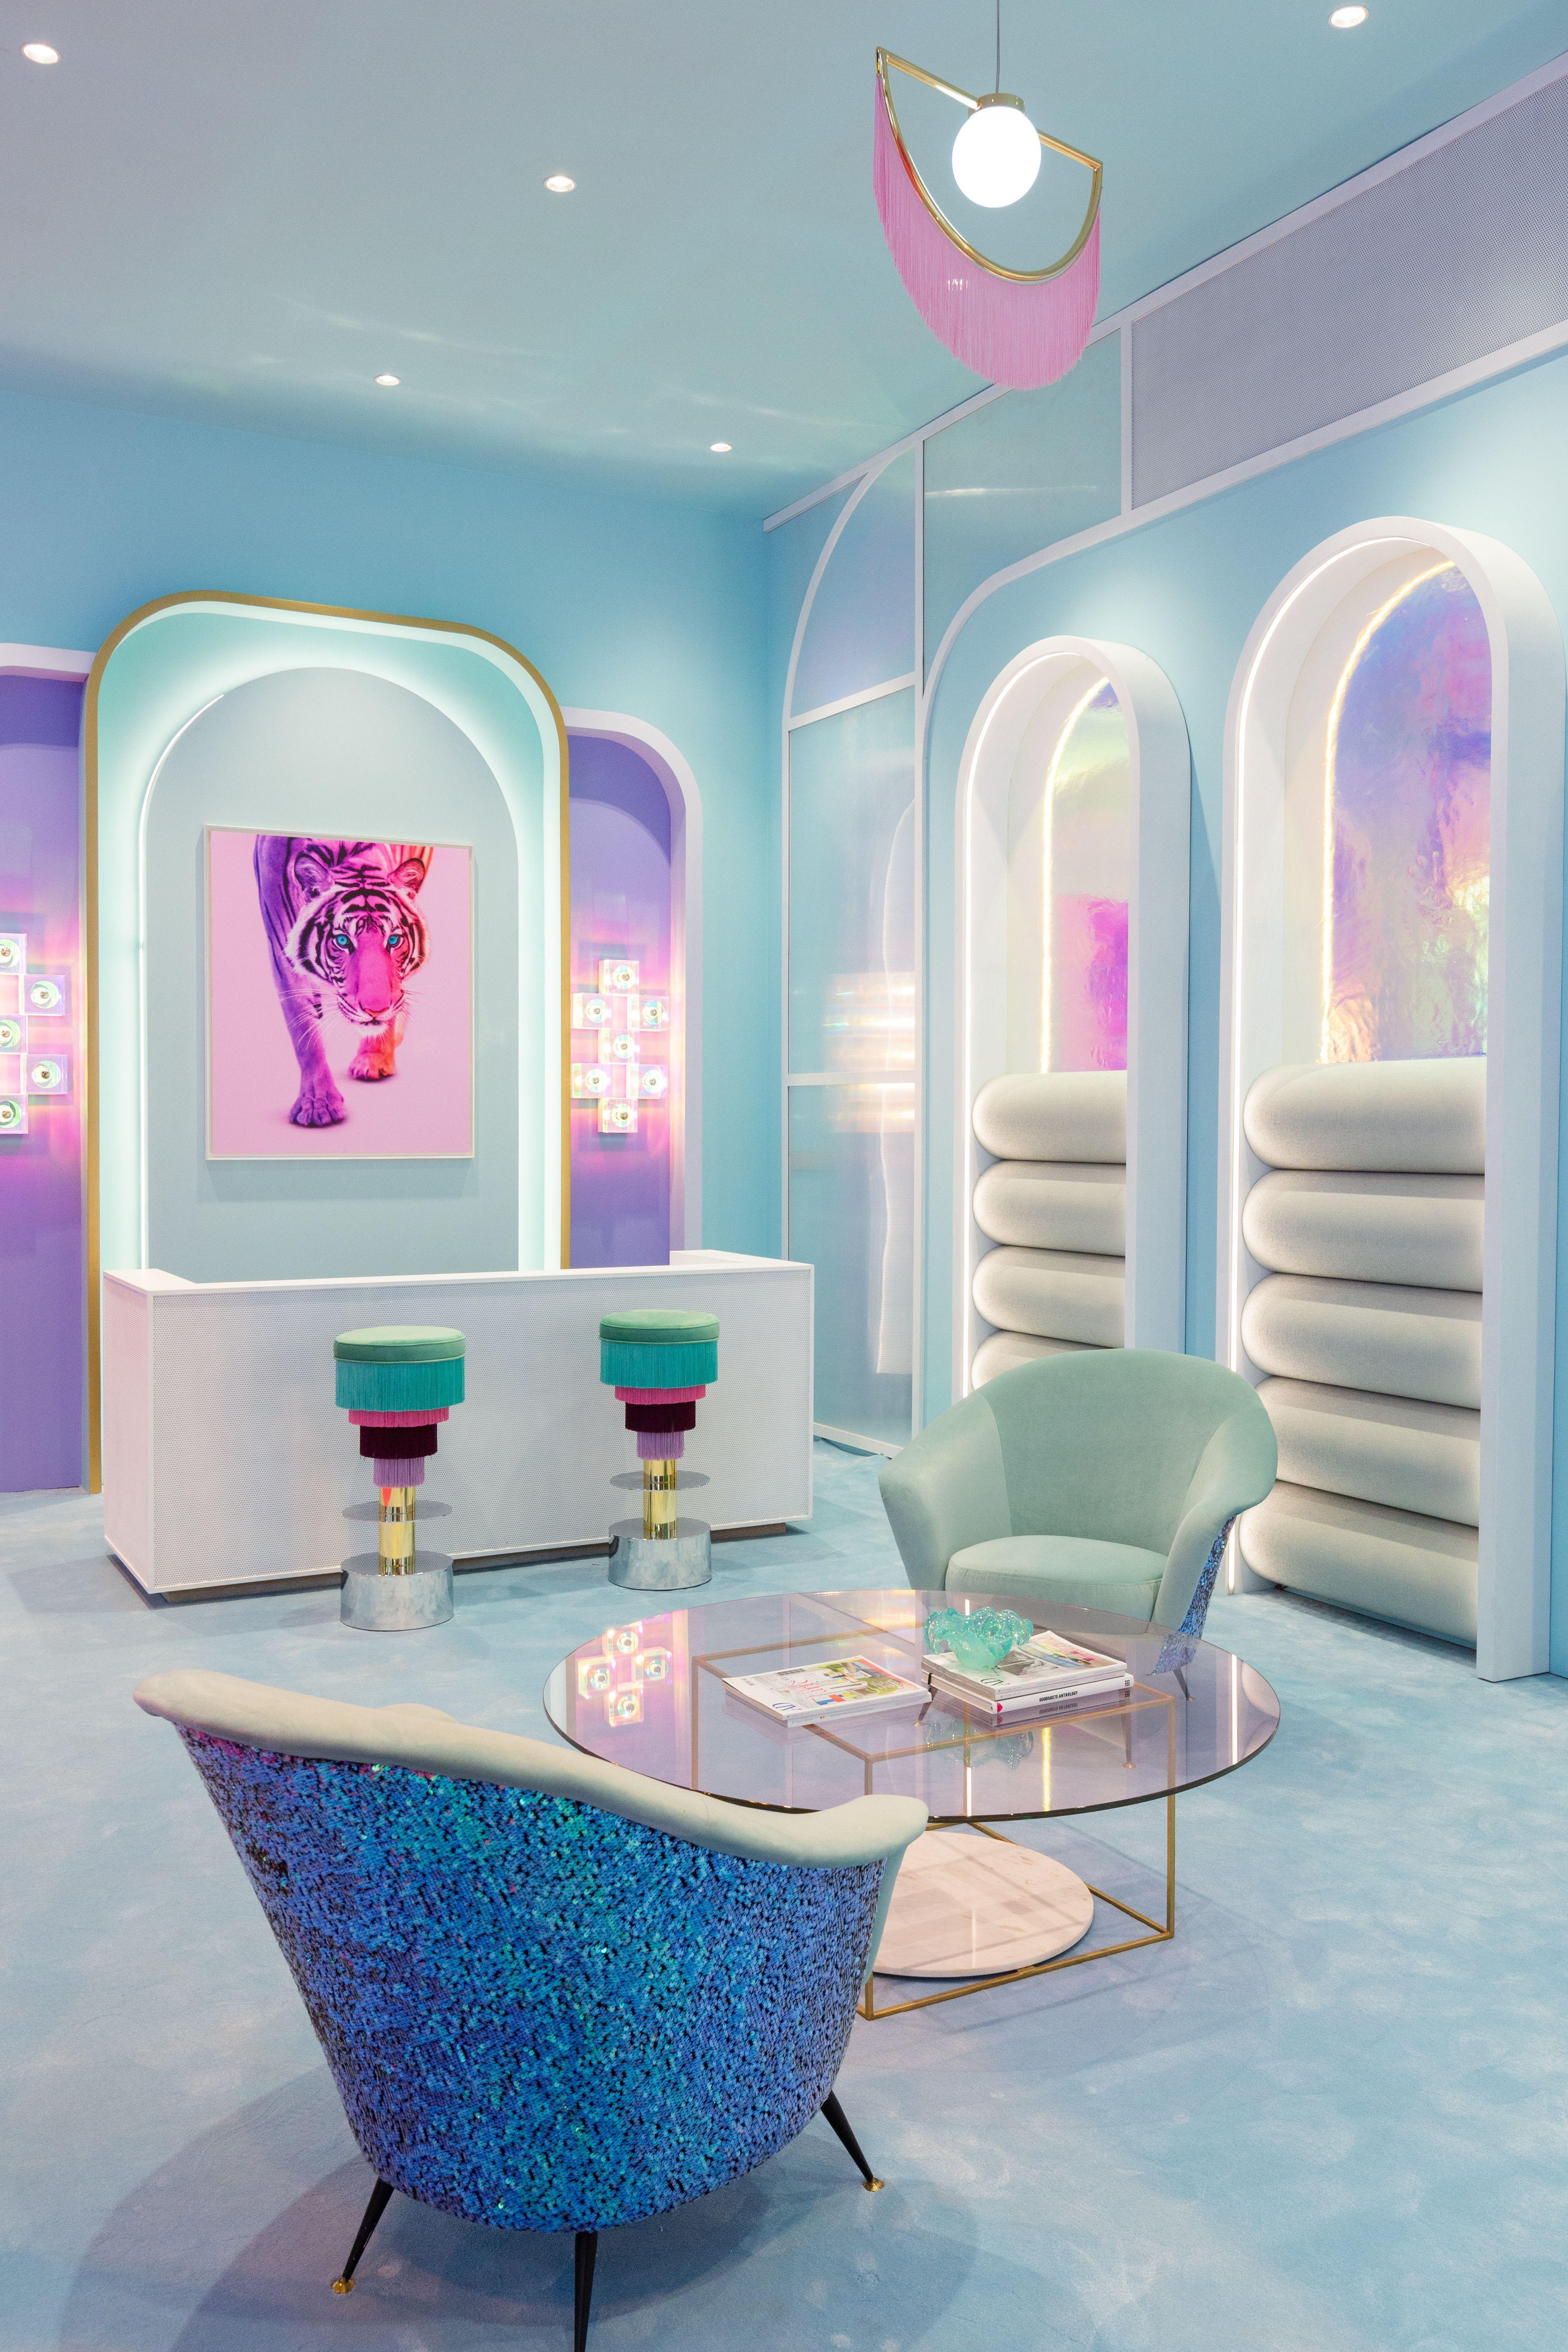 Neon De Decoration Interieur Épinglé par nina sur houses en 2020 | intérieur art déco